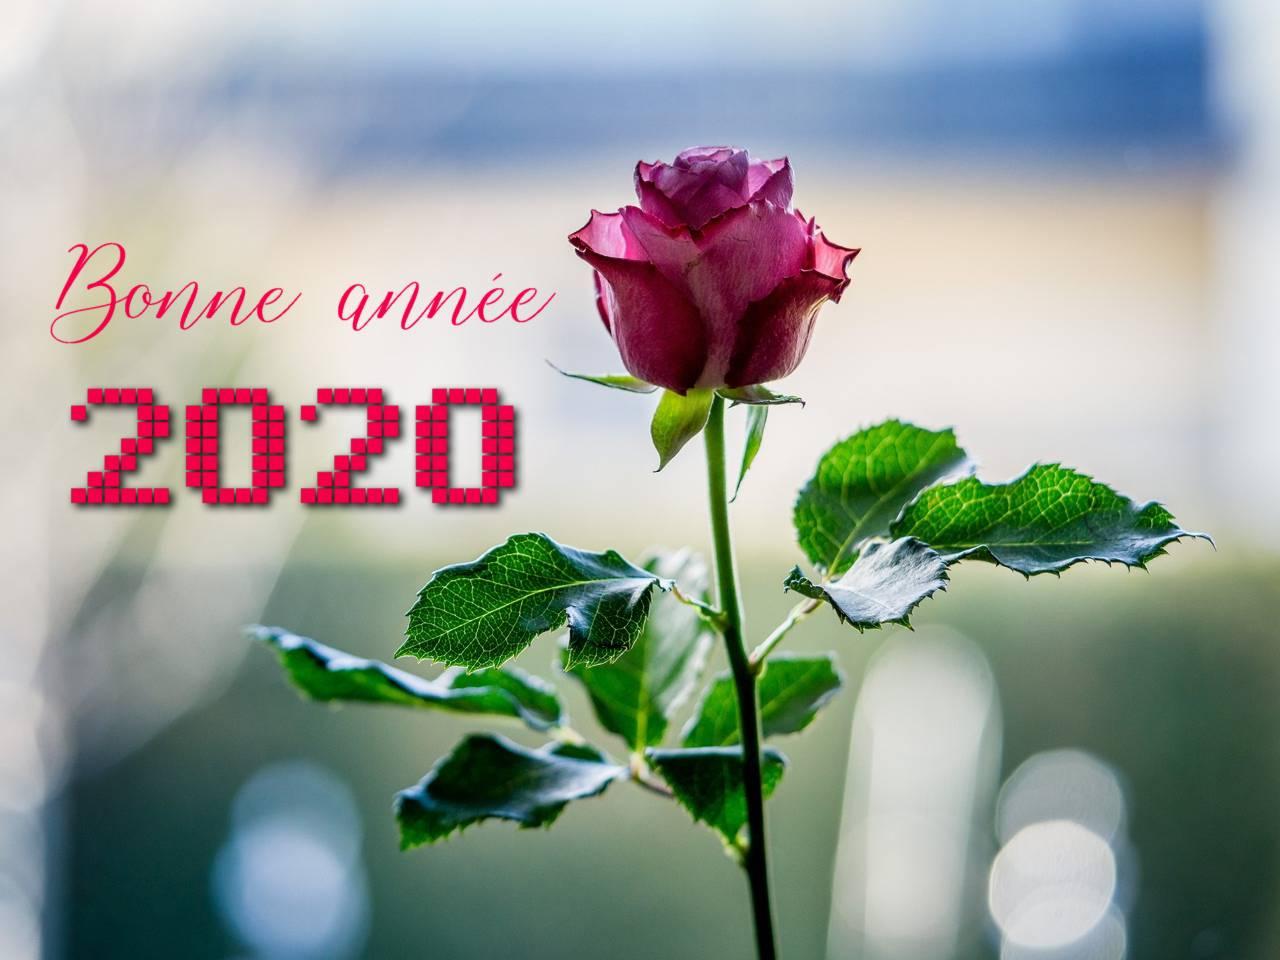 Bonne année 2020 rose